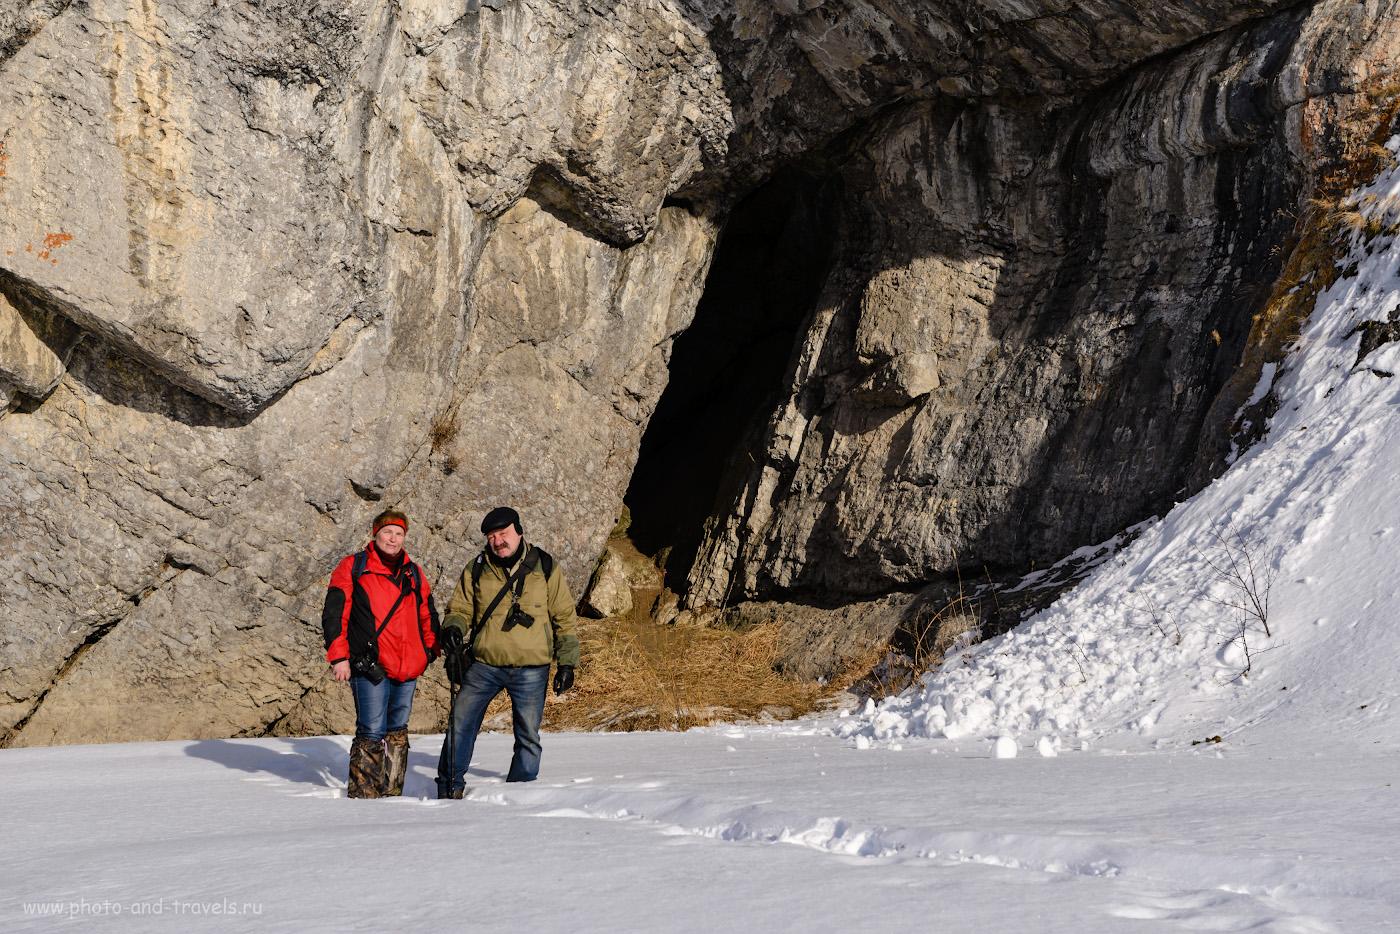 Фотография 34. Так выглядит вход в Зотинскую пещеру. 1/160, -0.33, 8.0, 100, 60.